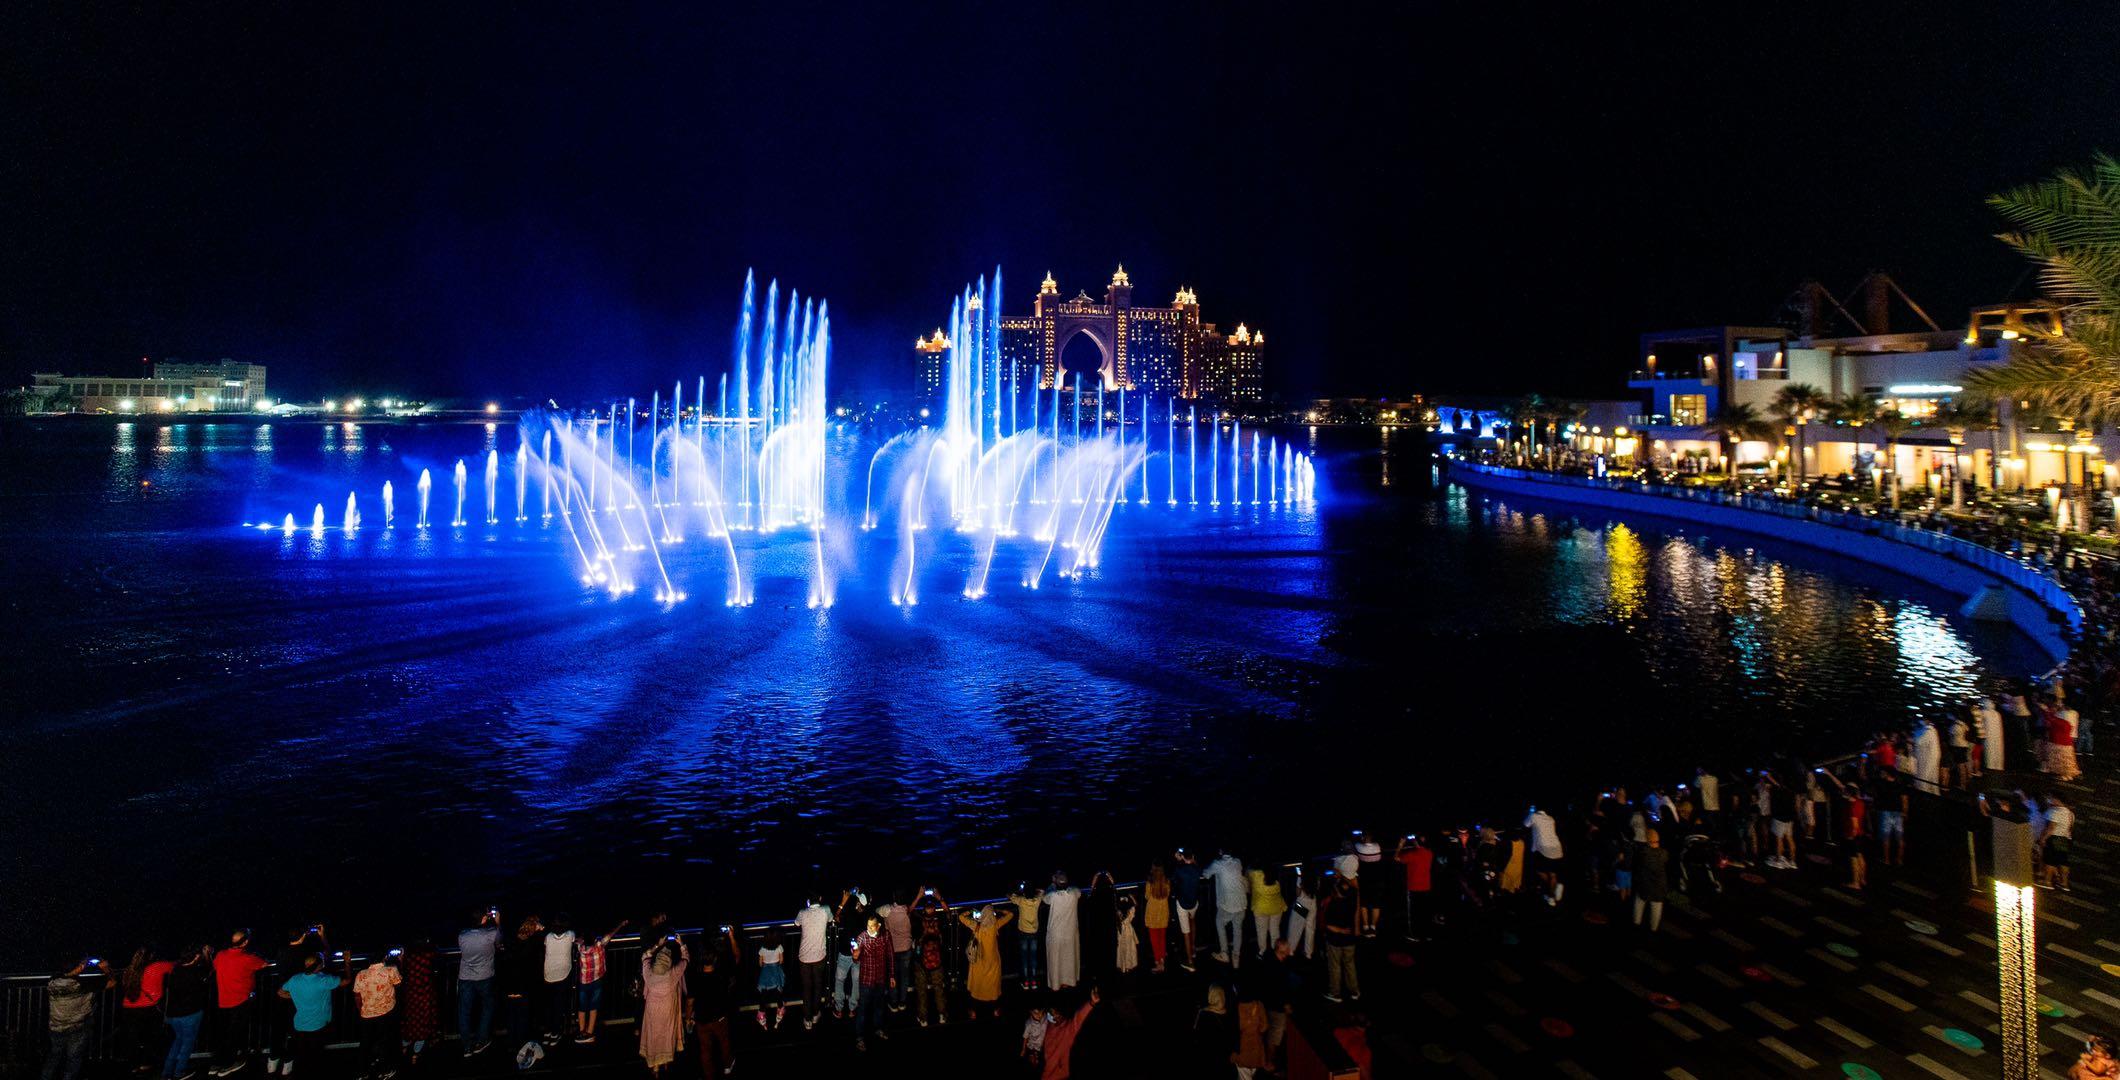 迪拜音乐喷泉—世界最大音乐喷泉